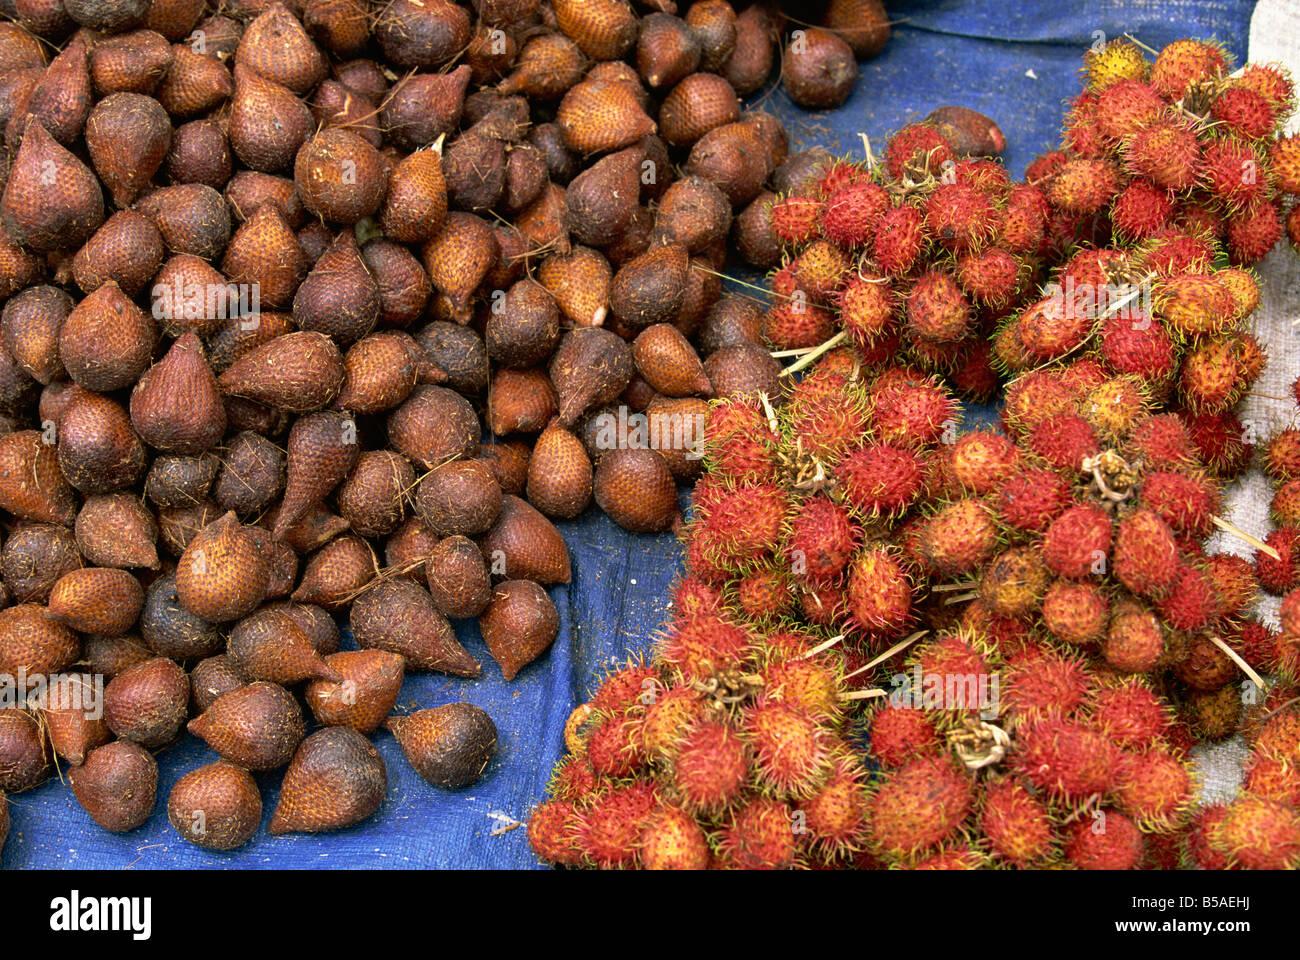 Salak and rambutan, the snakeskin and hairy tropical fruits in the market, Haranggaol, Lake Toba, Sumatra, Indonesia, - Stock Image